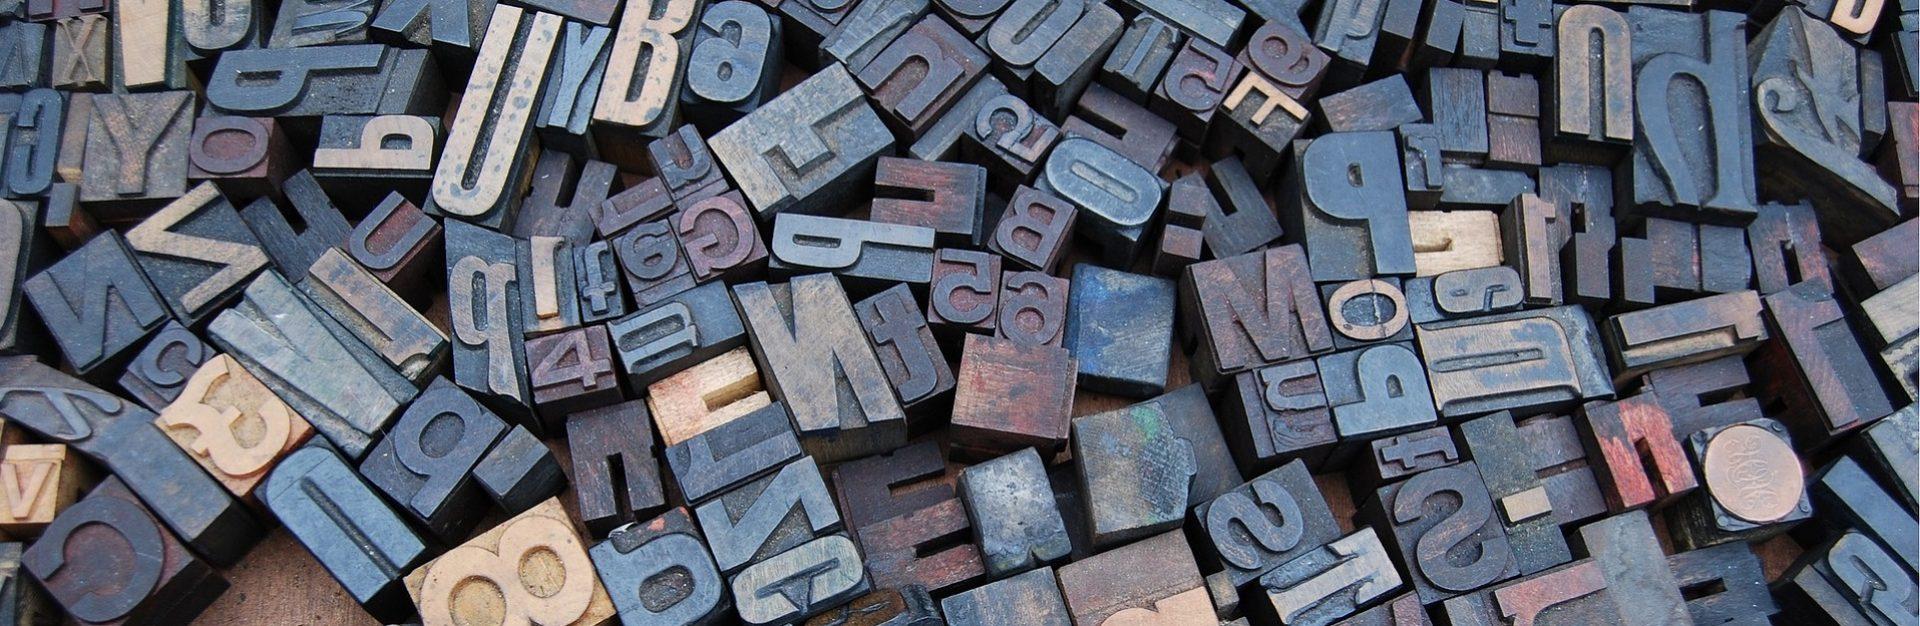 Welk lettertype voor mijn website, en waarom is dat zo belangrijk?